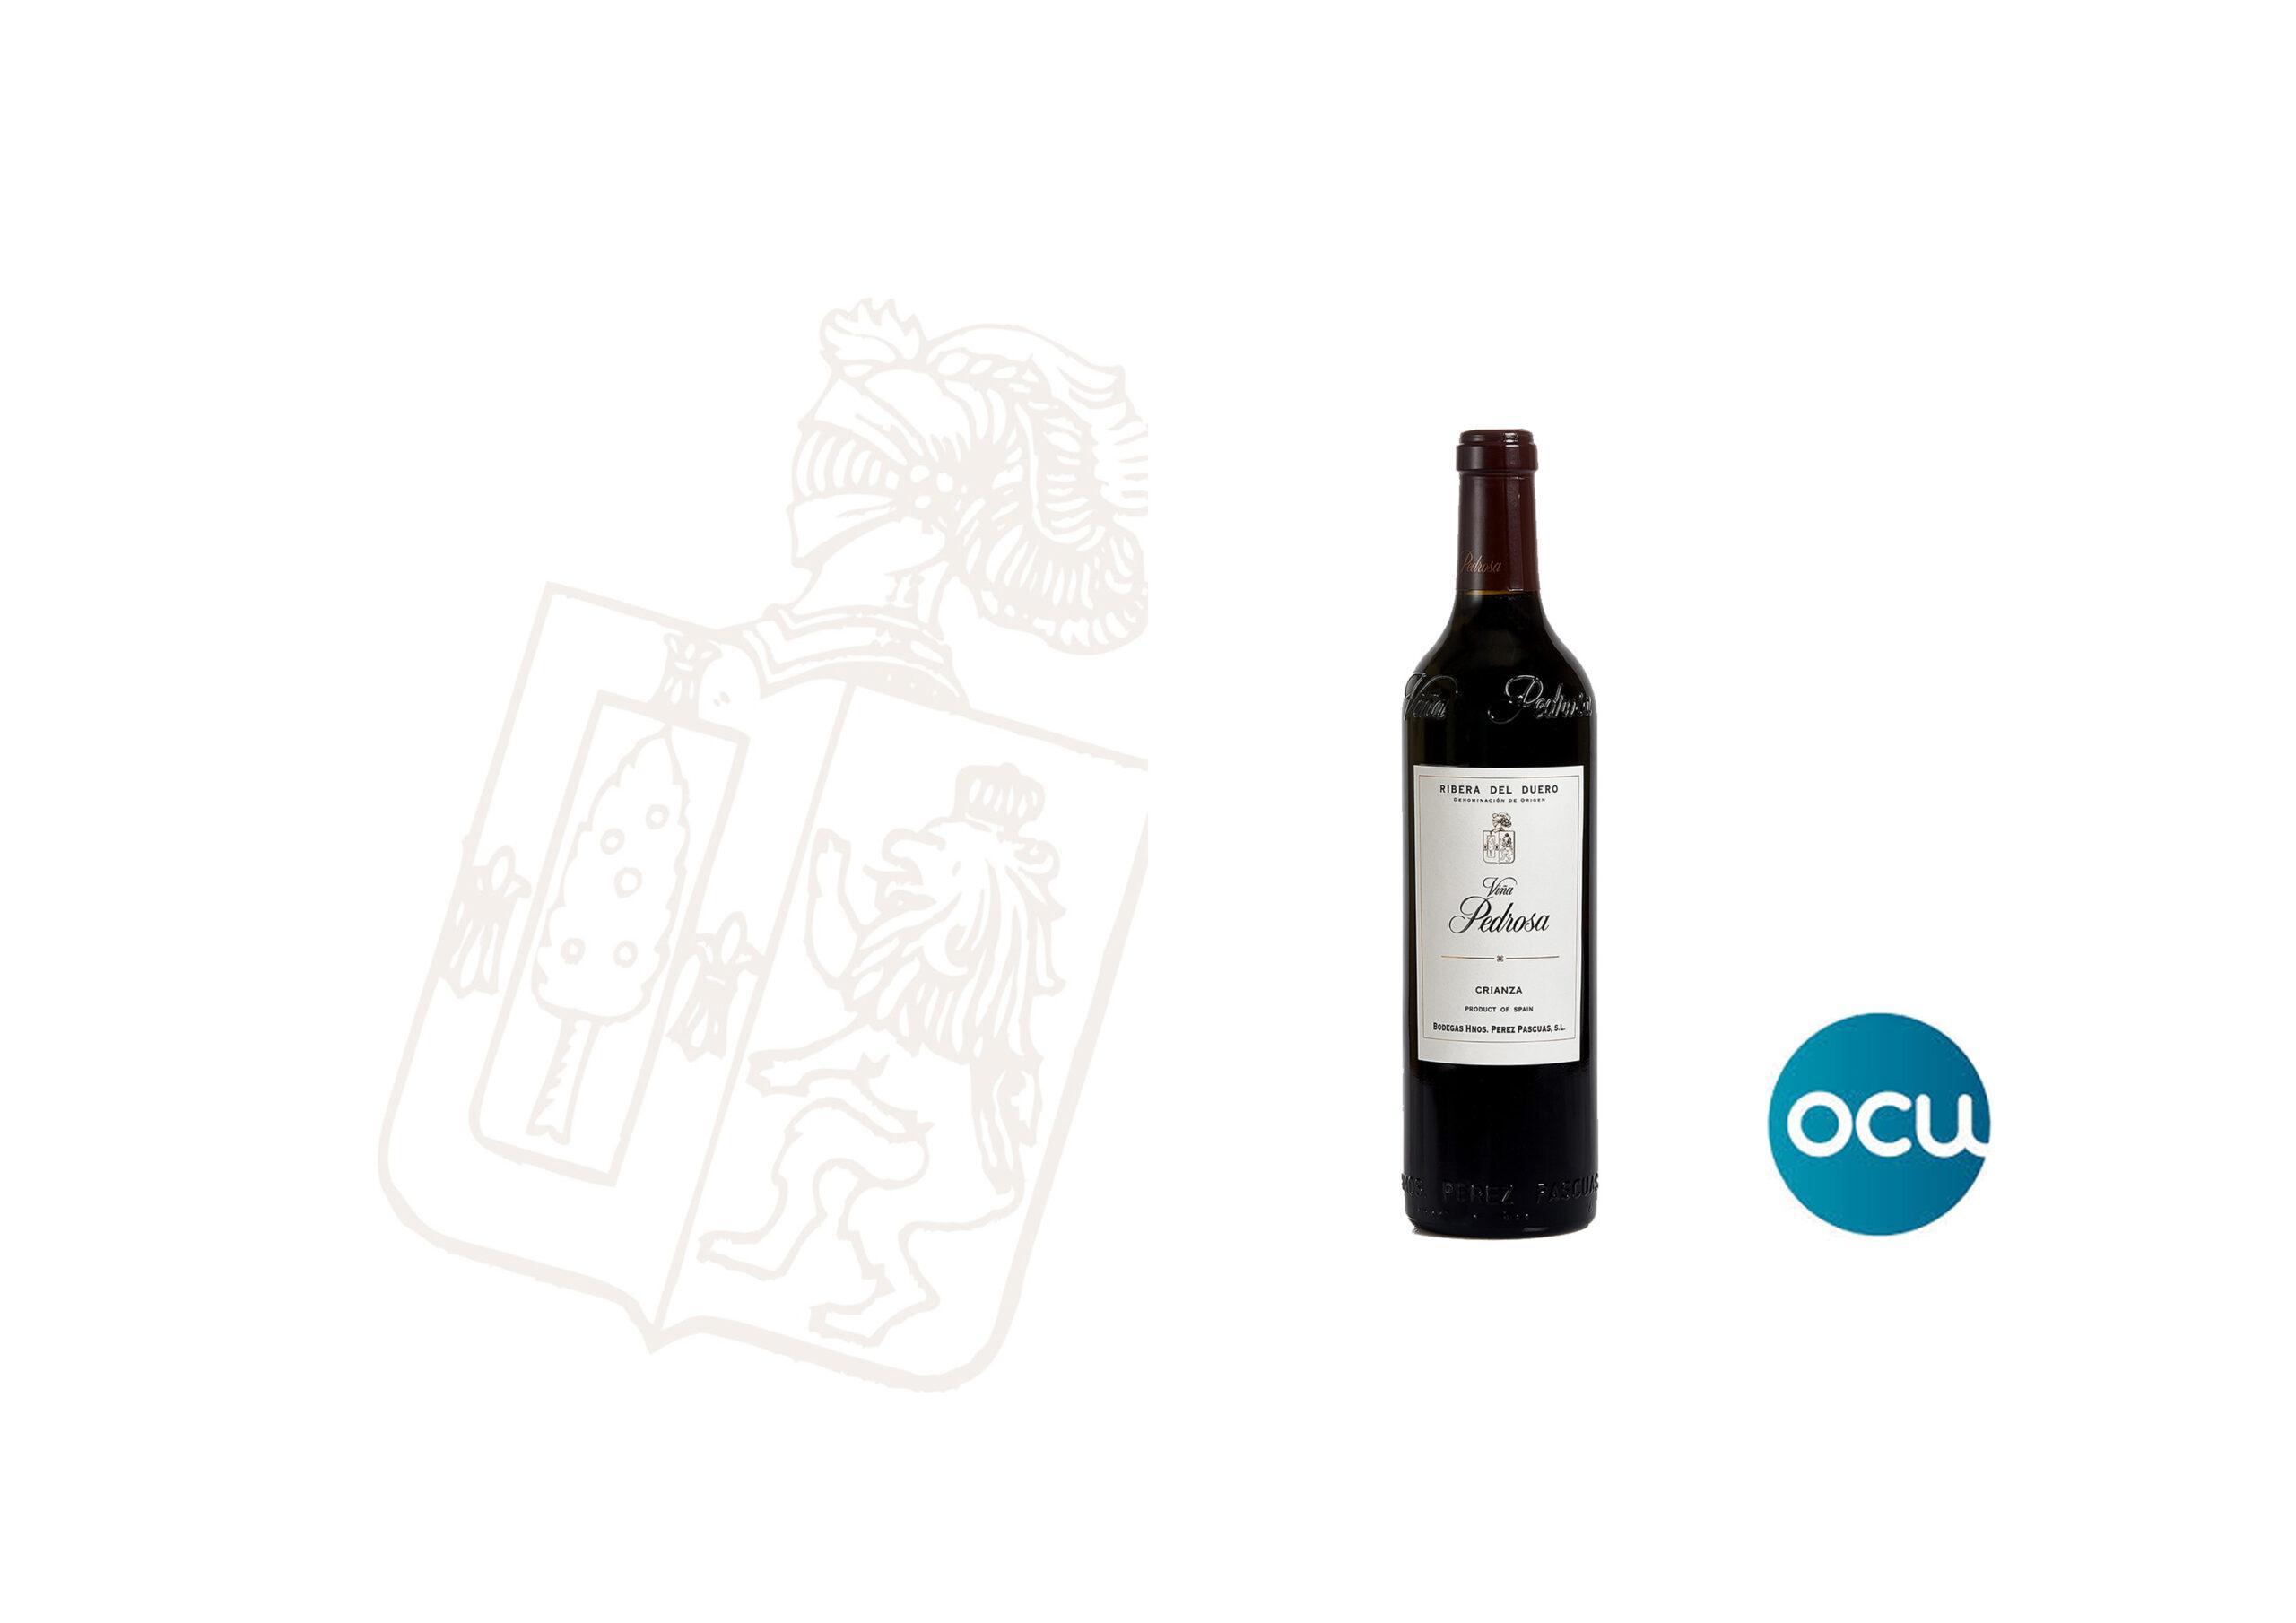 Viña Pedrosa Crianza 2016, Mejor Vino de España según la OCU.